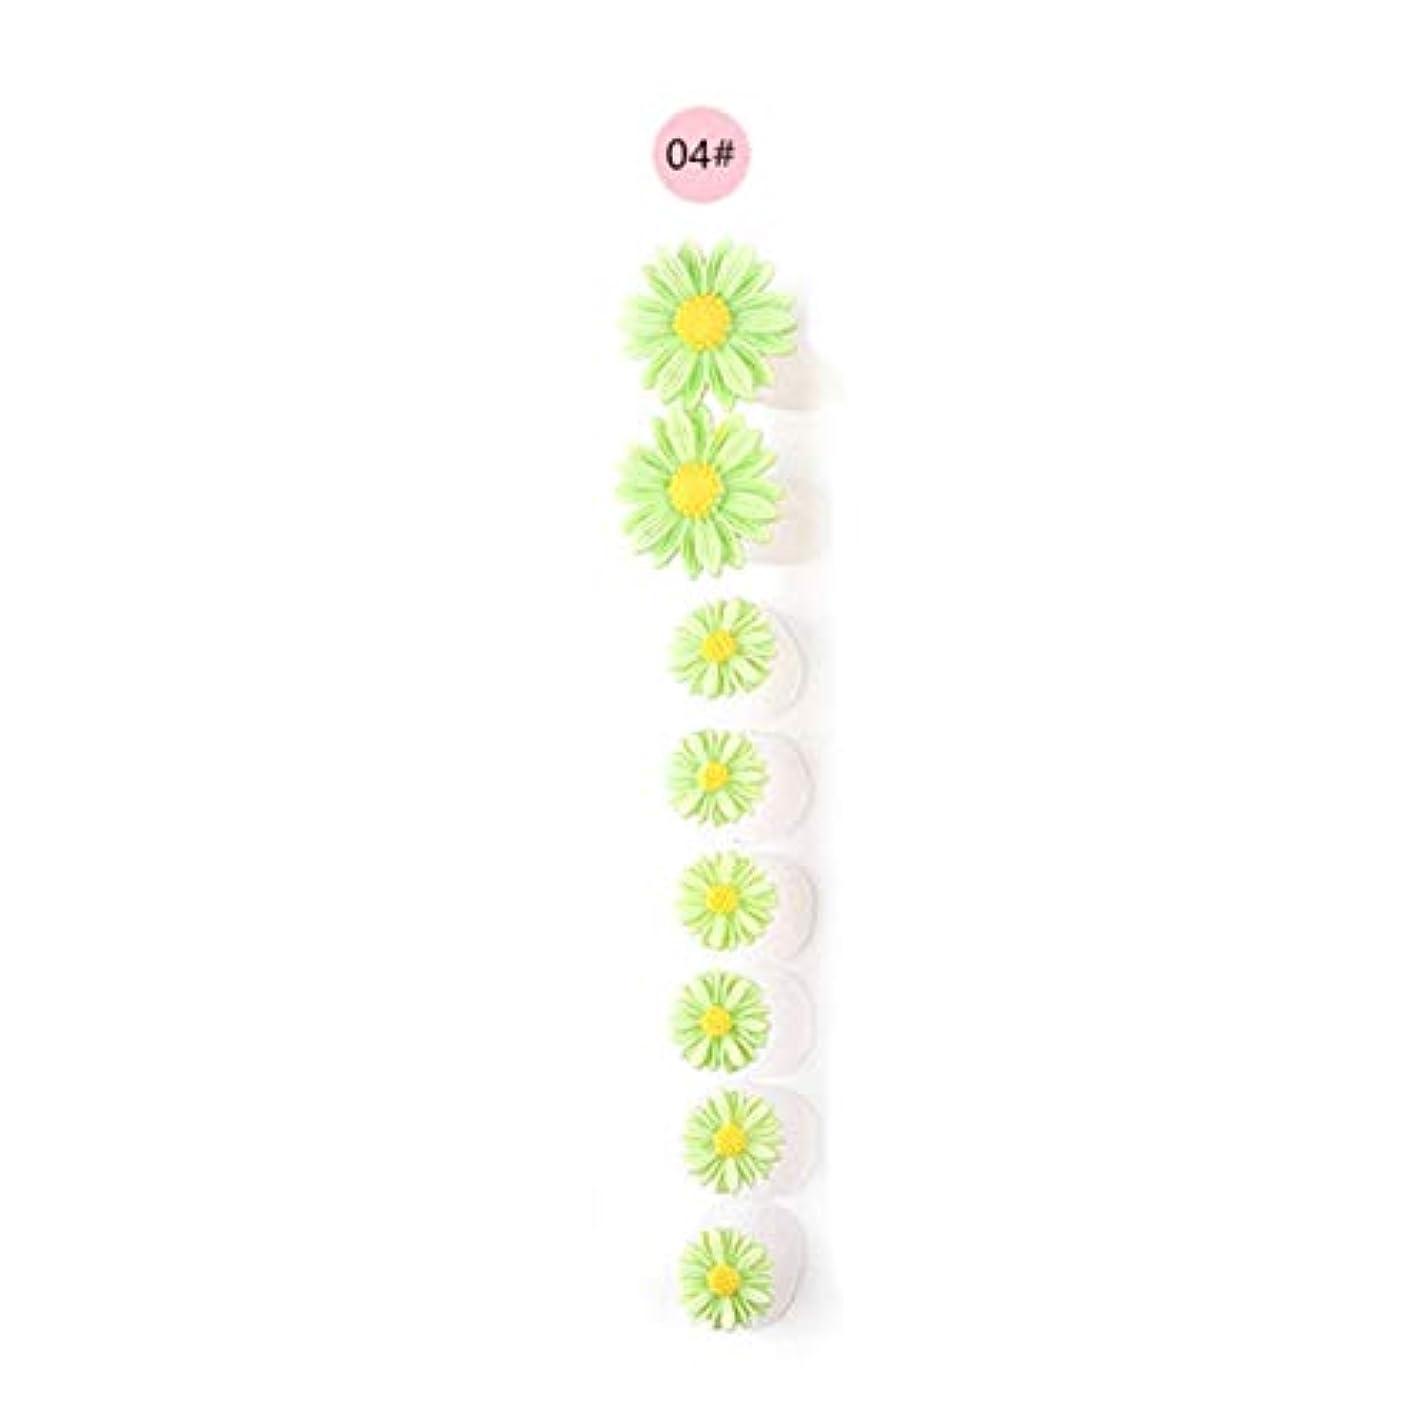 オーバーフロー血まみれ貸し手8ピース/セットシリコンつま先セパレーター足つま先スペーサー花形ペディキュアDIYネイルアートツール-カラフル04#